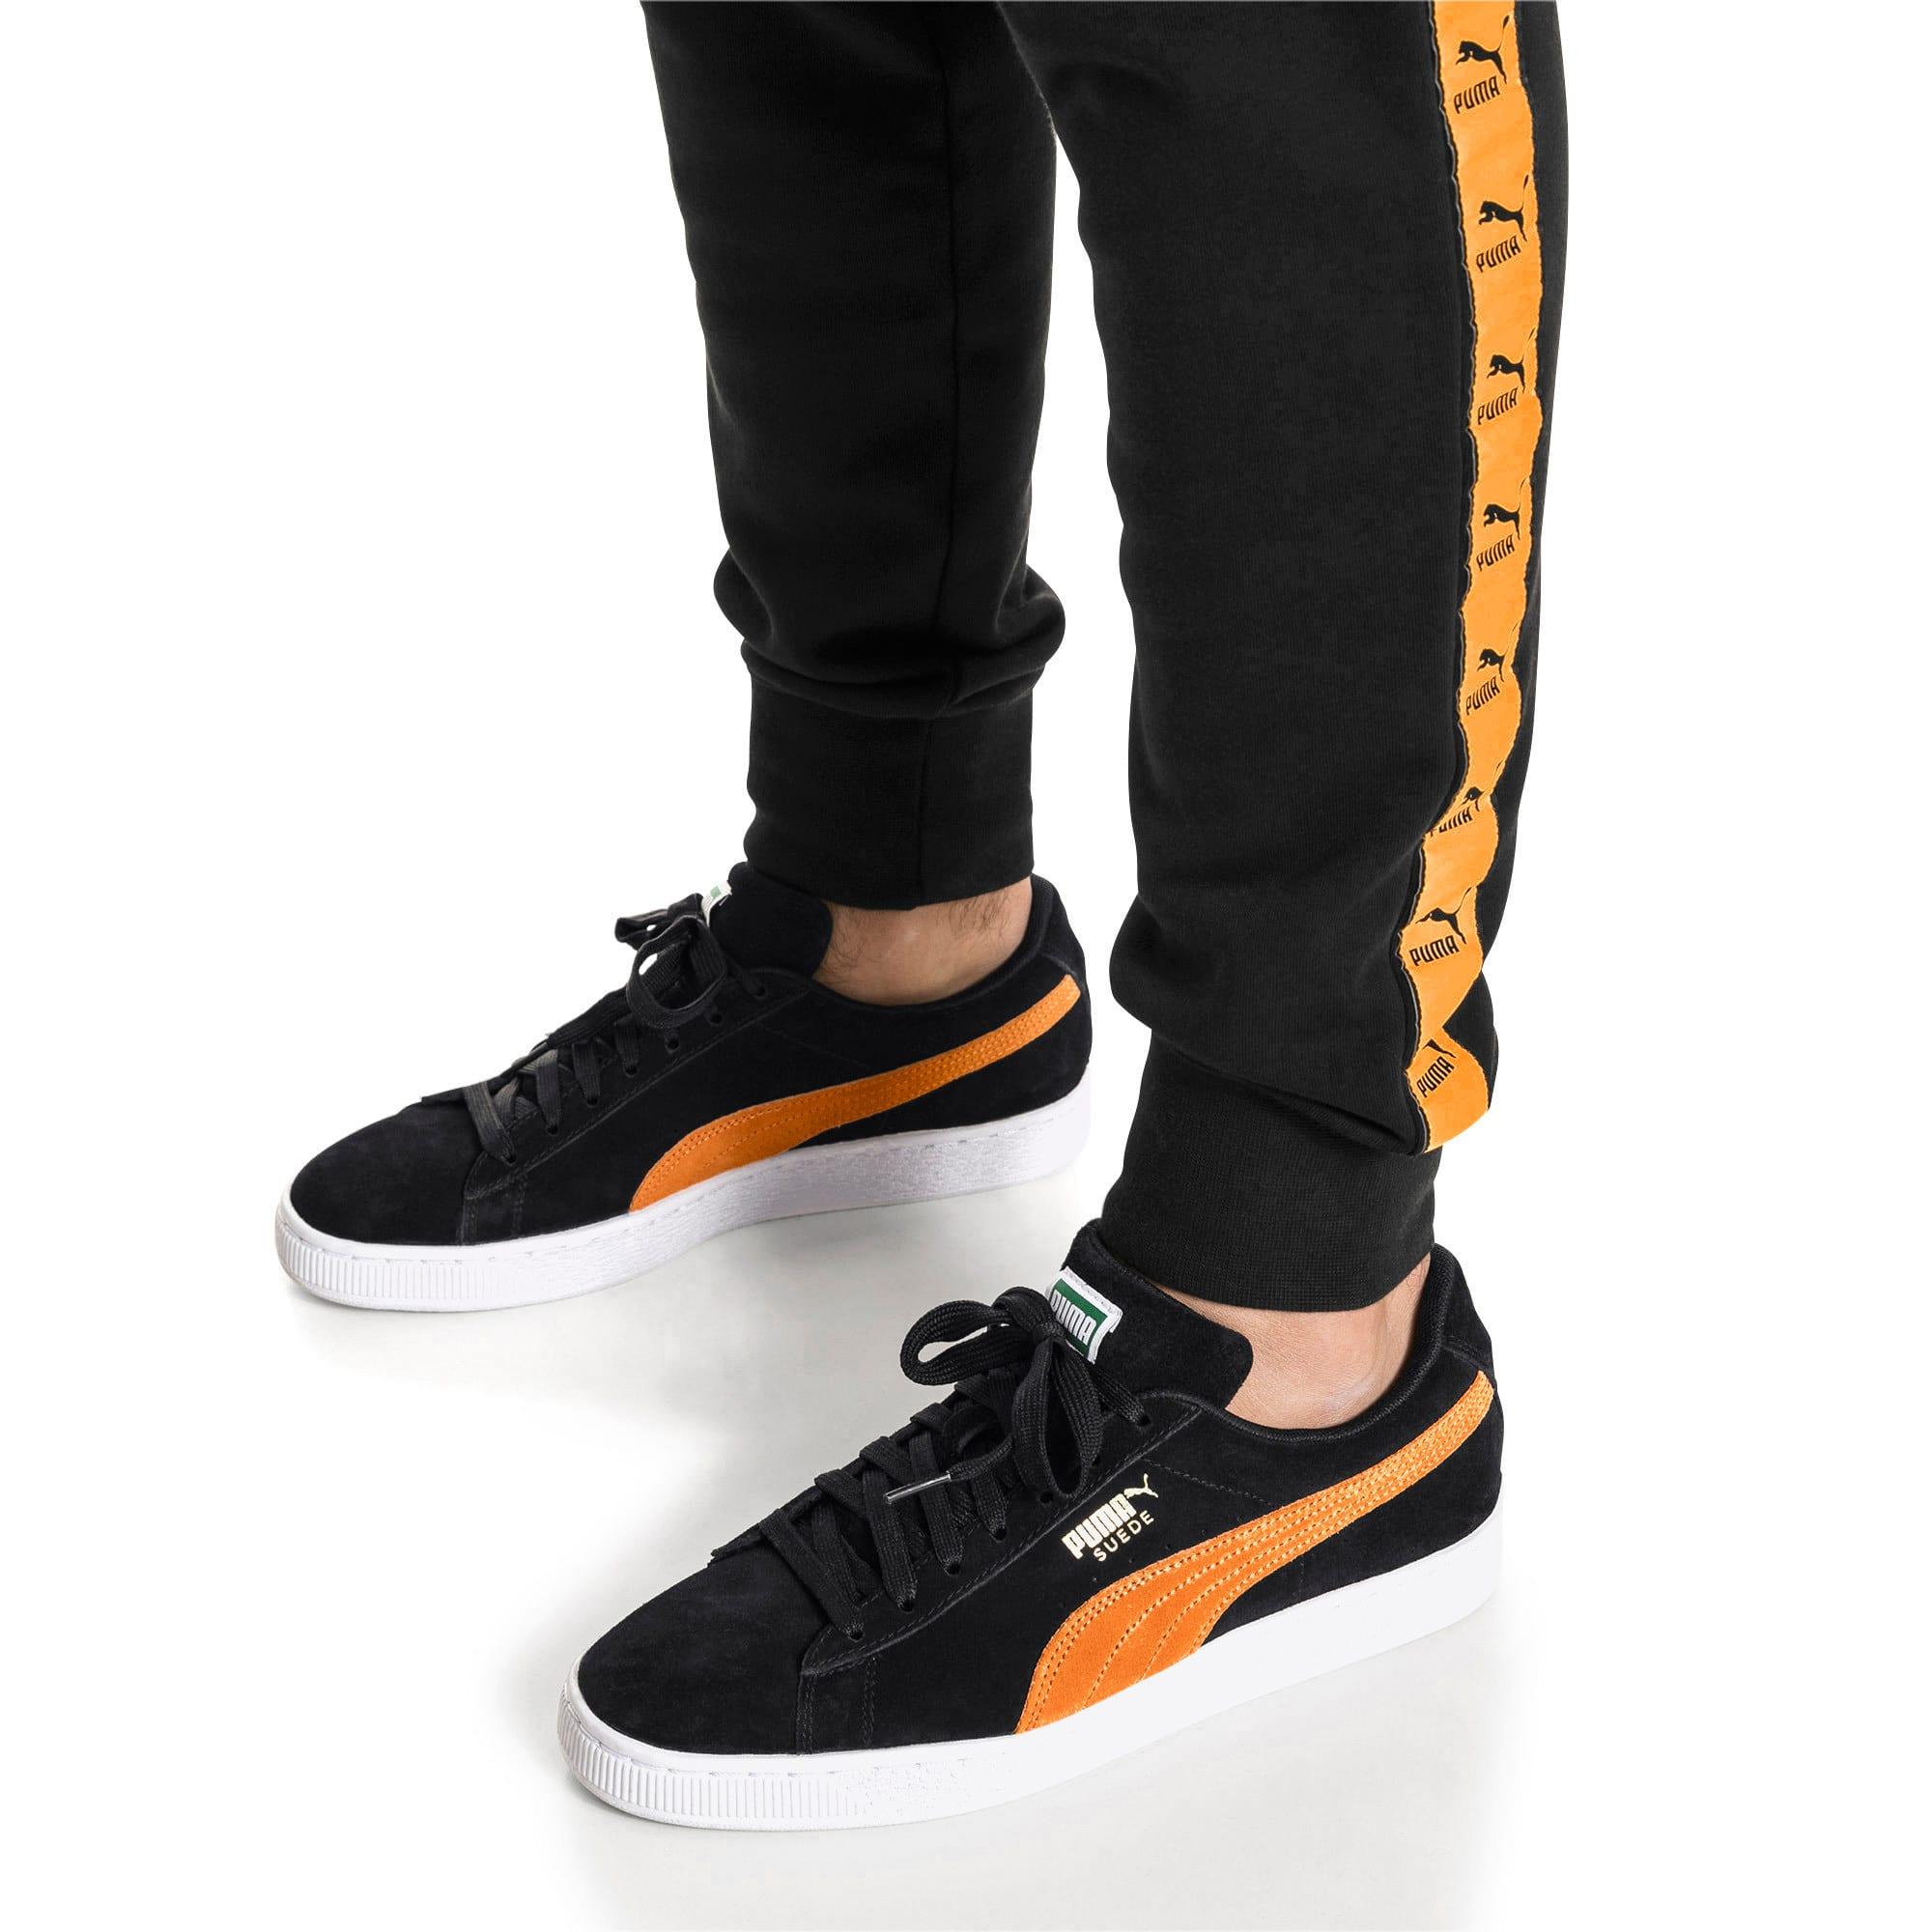 Imagen en miniatura 2 de Zapatillas Suede Classic, Puma Black-Orange Pop, mediana